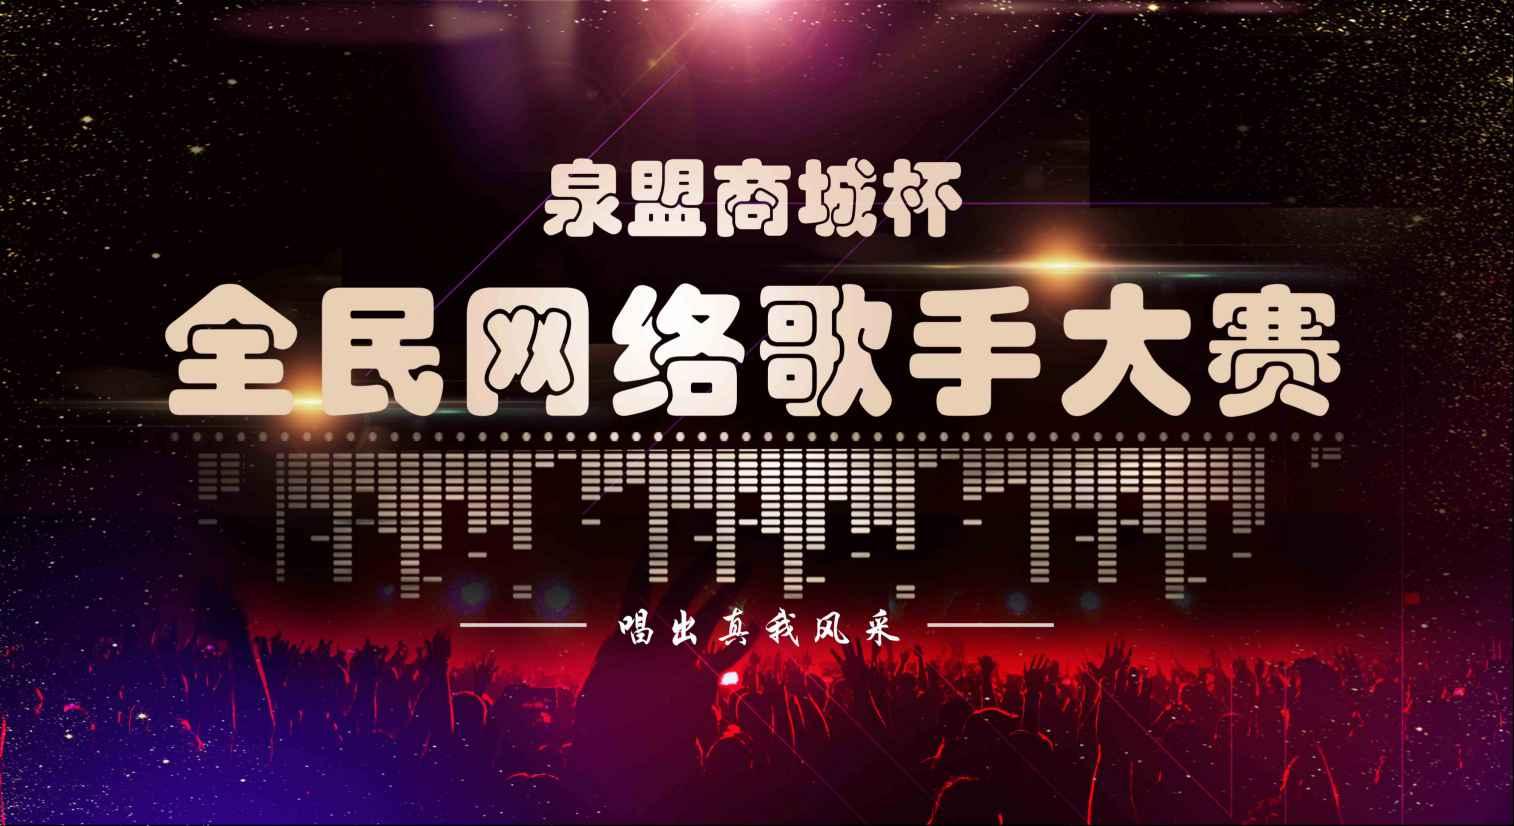 第二届泉盟商城杯全民网络歌手大赛